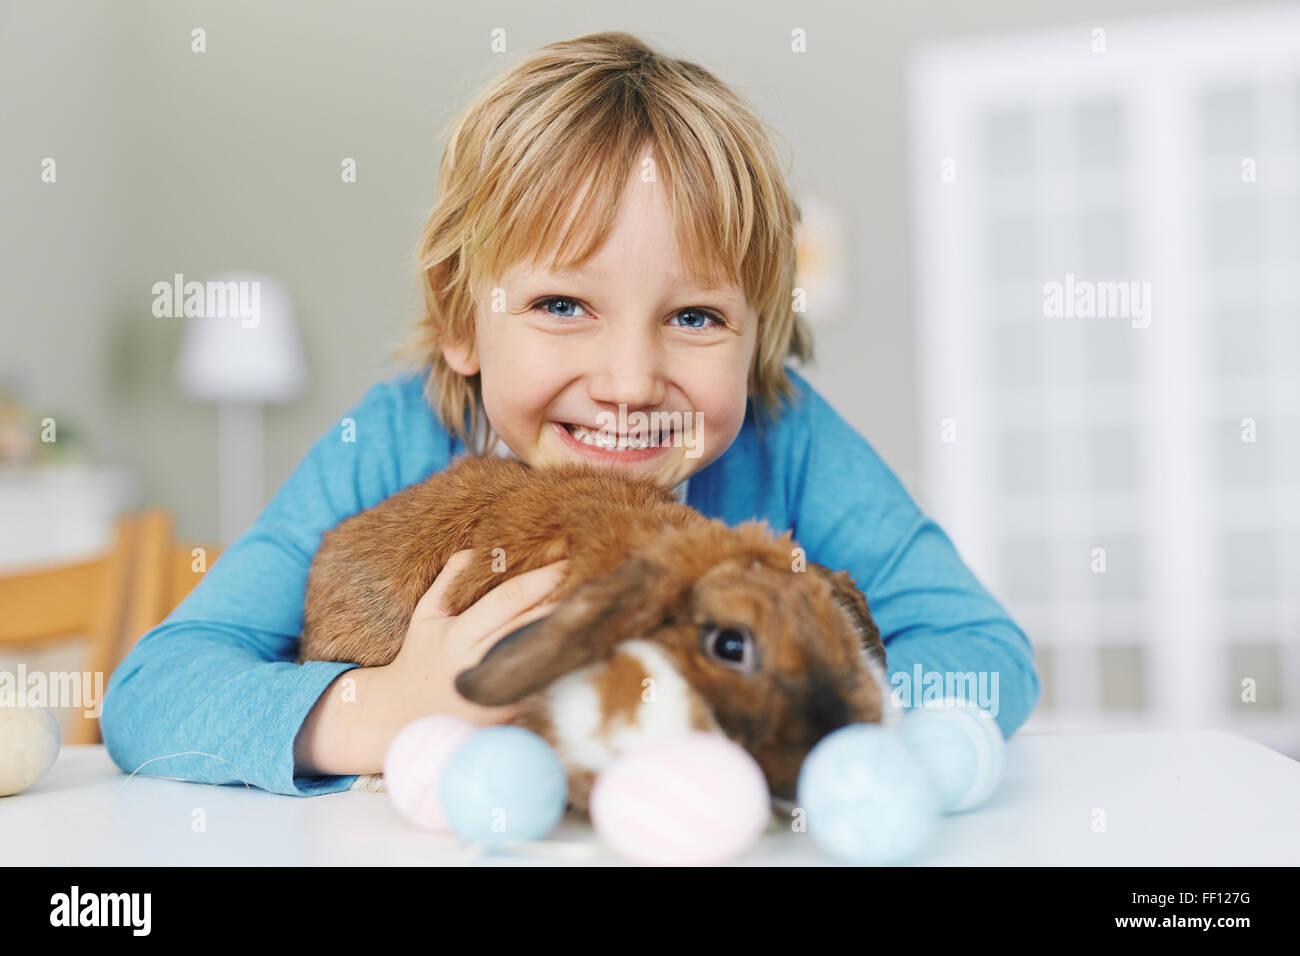 Alegre joven con conejo de Pascua mirando a la cámara Imagen De Stock